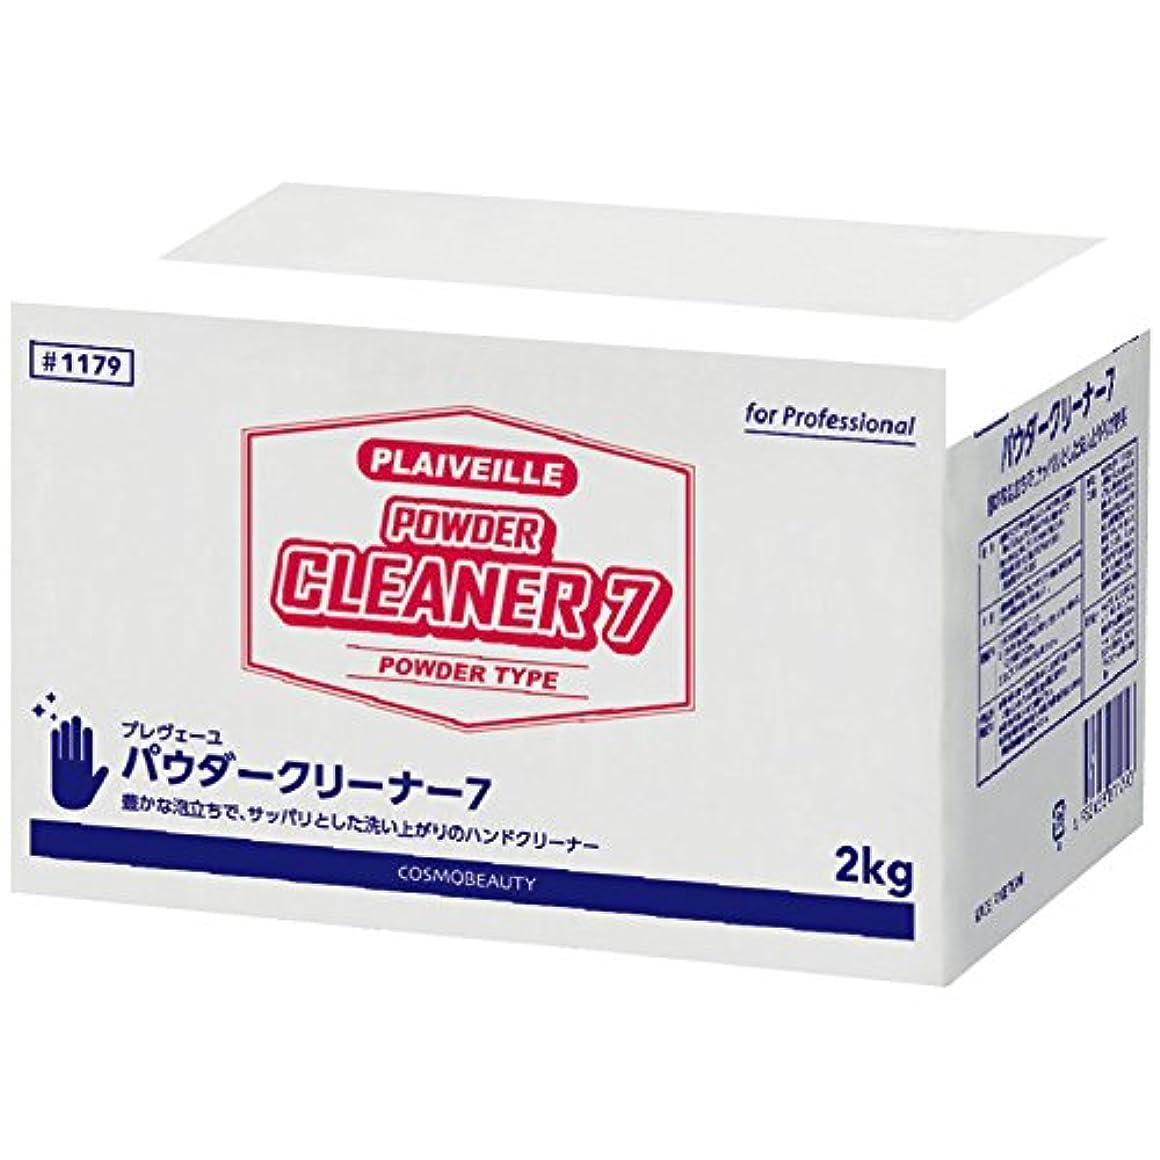 ビルマ衣装公平コスモビューティー 業務用手洗い洗剤 パワークリーナーセブン( 旧名:クリンバーセブン) 2kg×4個 / 1179